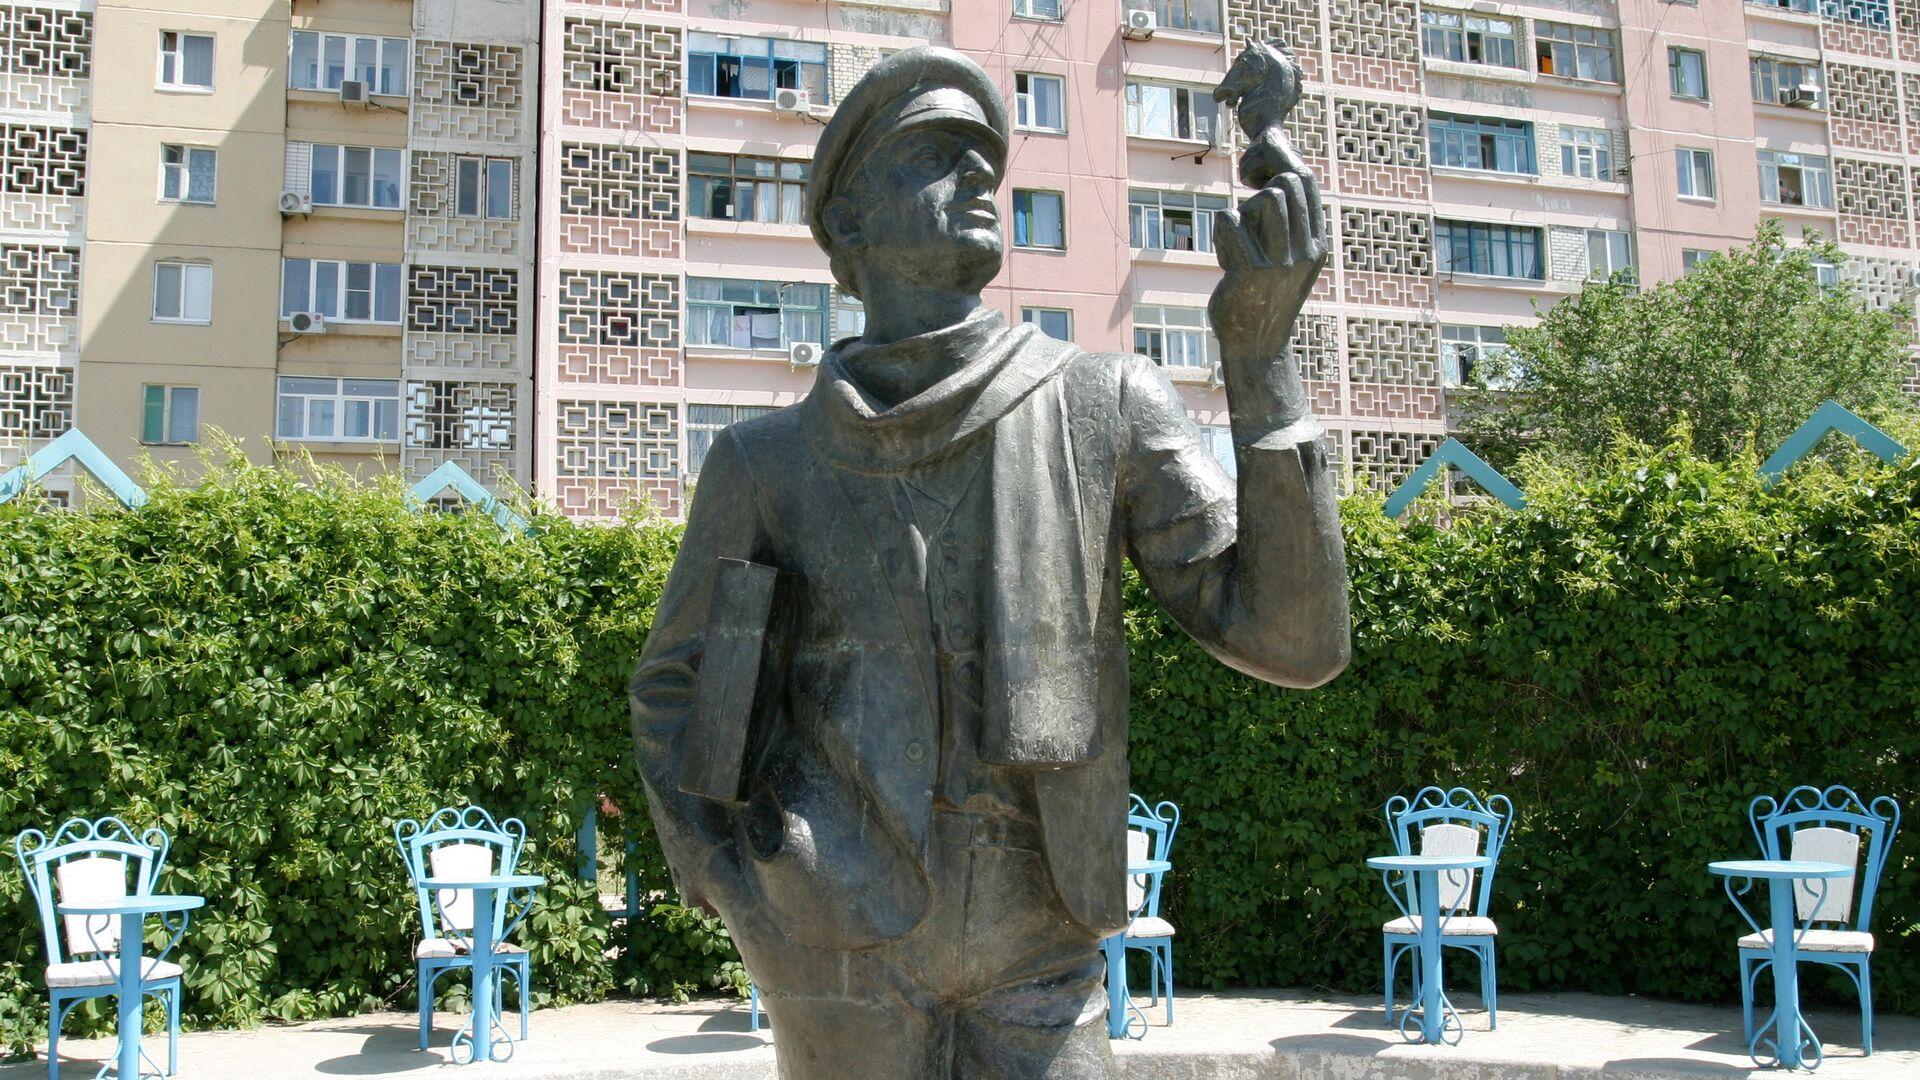 Памятник Остапу Бендеру - РИА Новости, 1920, 10.02.2021